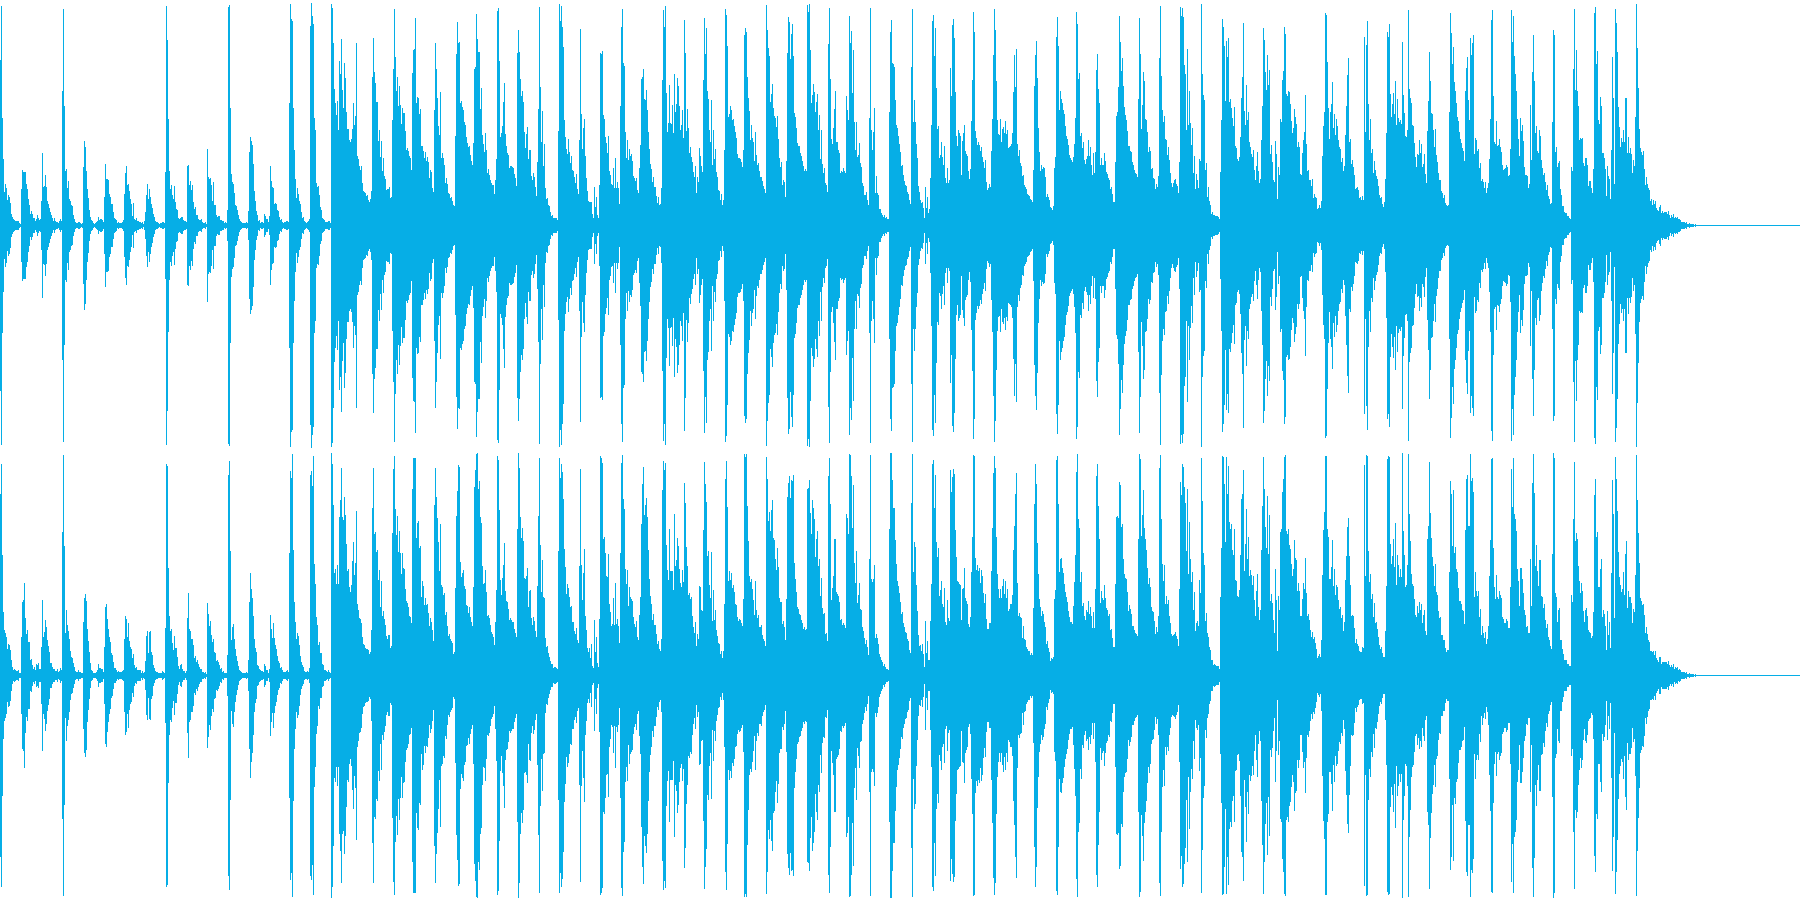 サンバ風のBGMの再生済みの波形